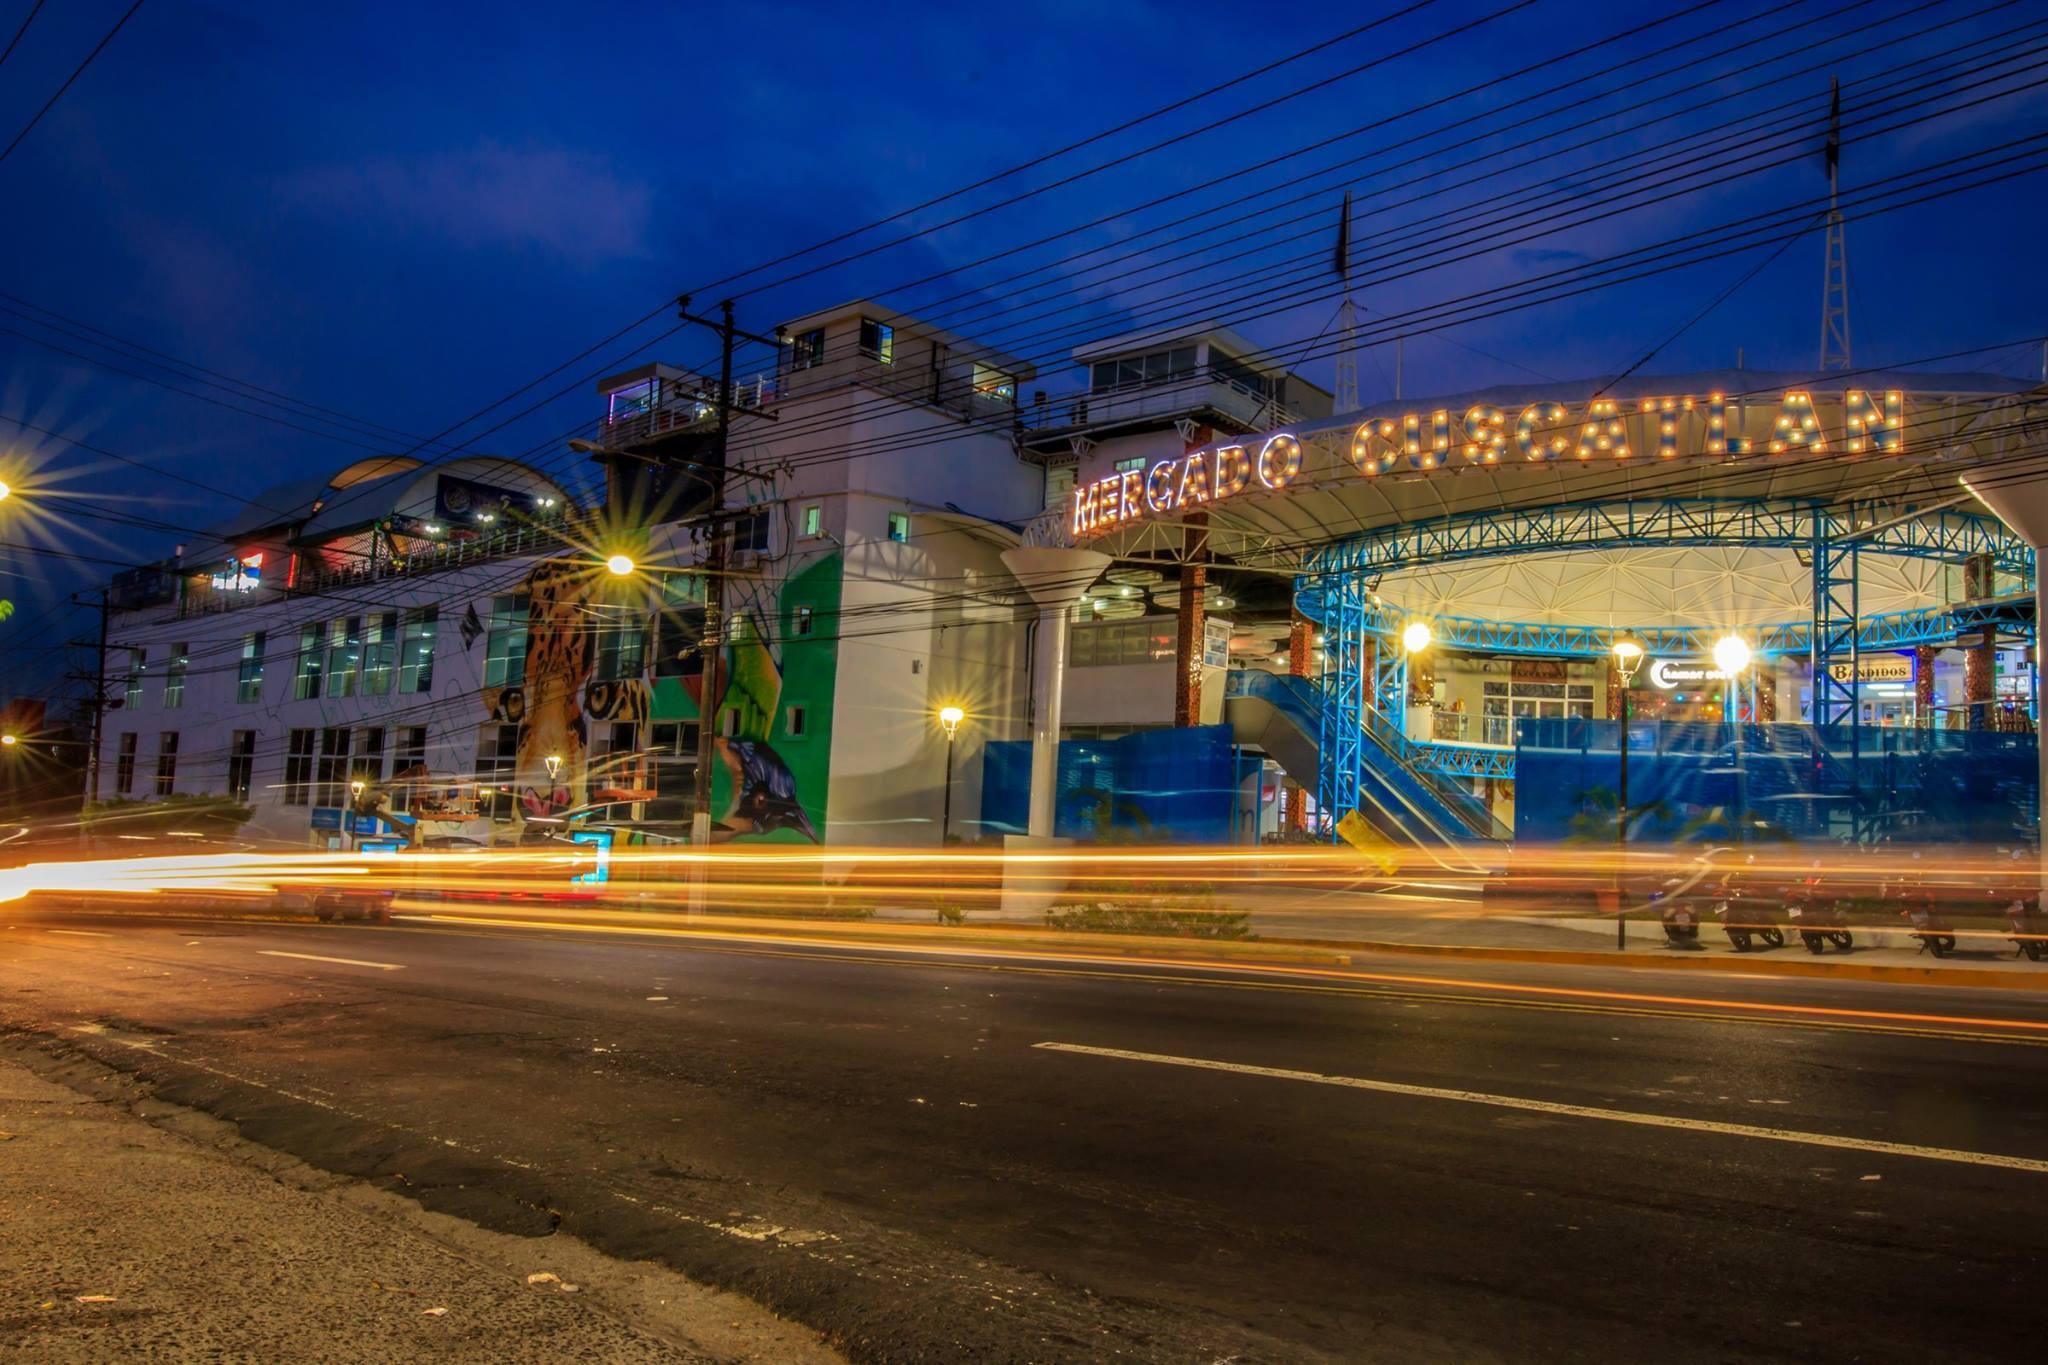 Fachada del Mercado Cuscatlán en mayo de 2017. Foto de El Faro: tomada del perfil público en Facebook de Nayib Bukele.